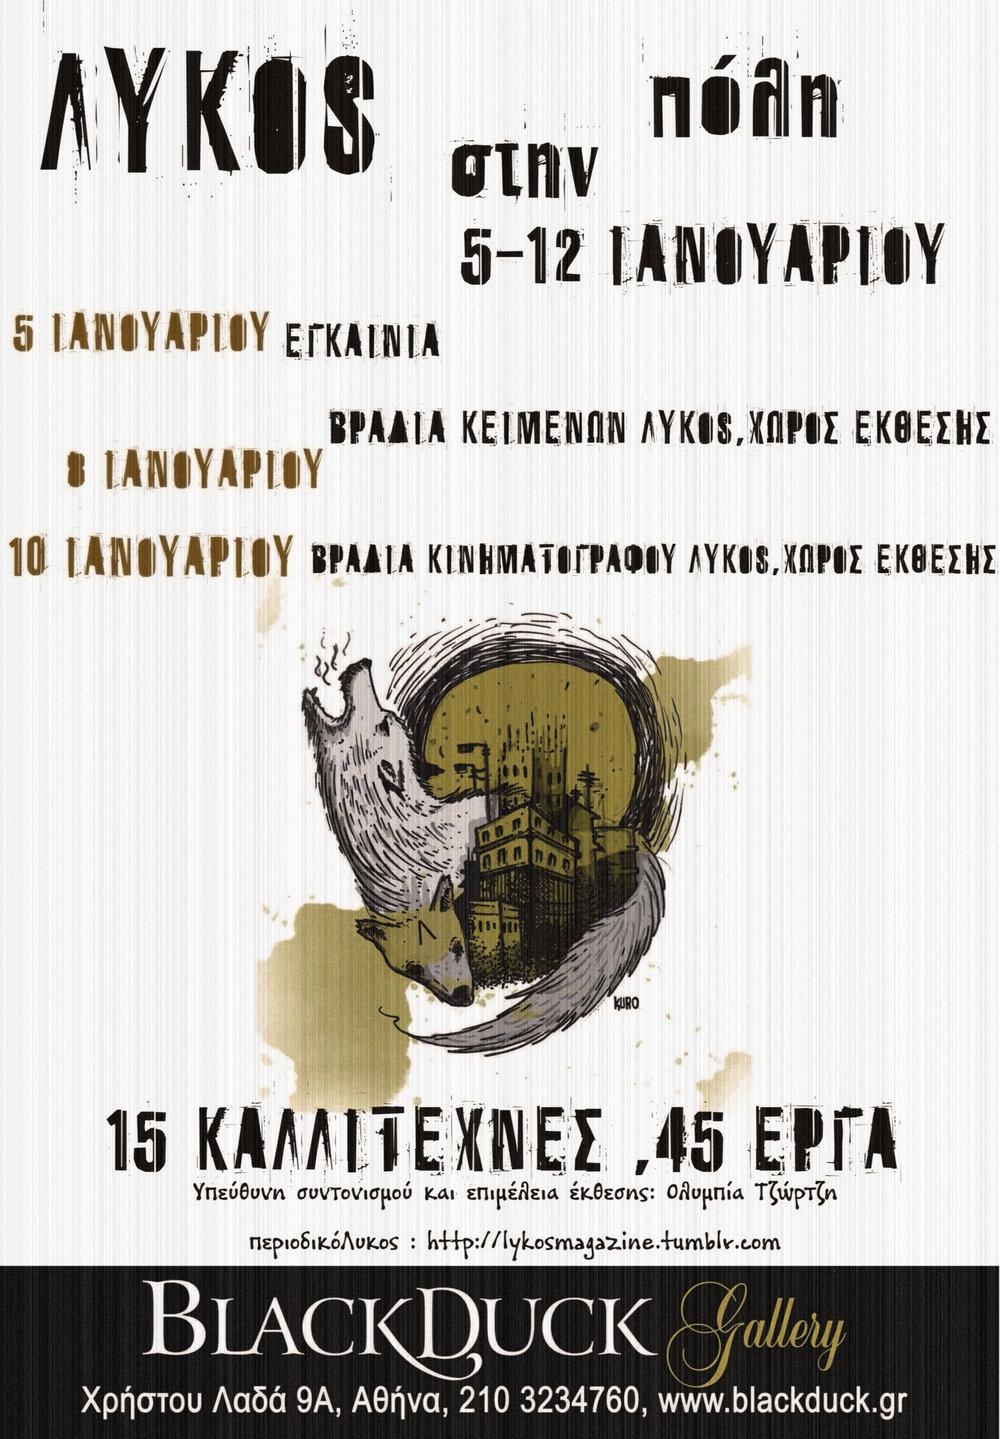 Αφίσα Λύκοs.jpg